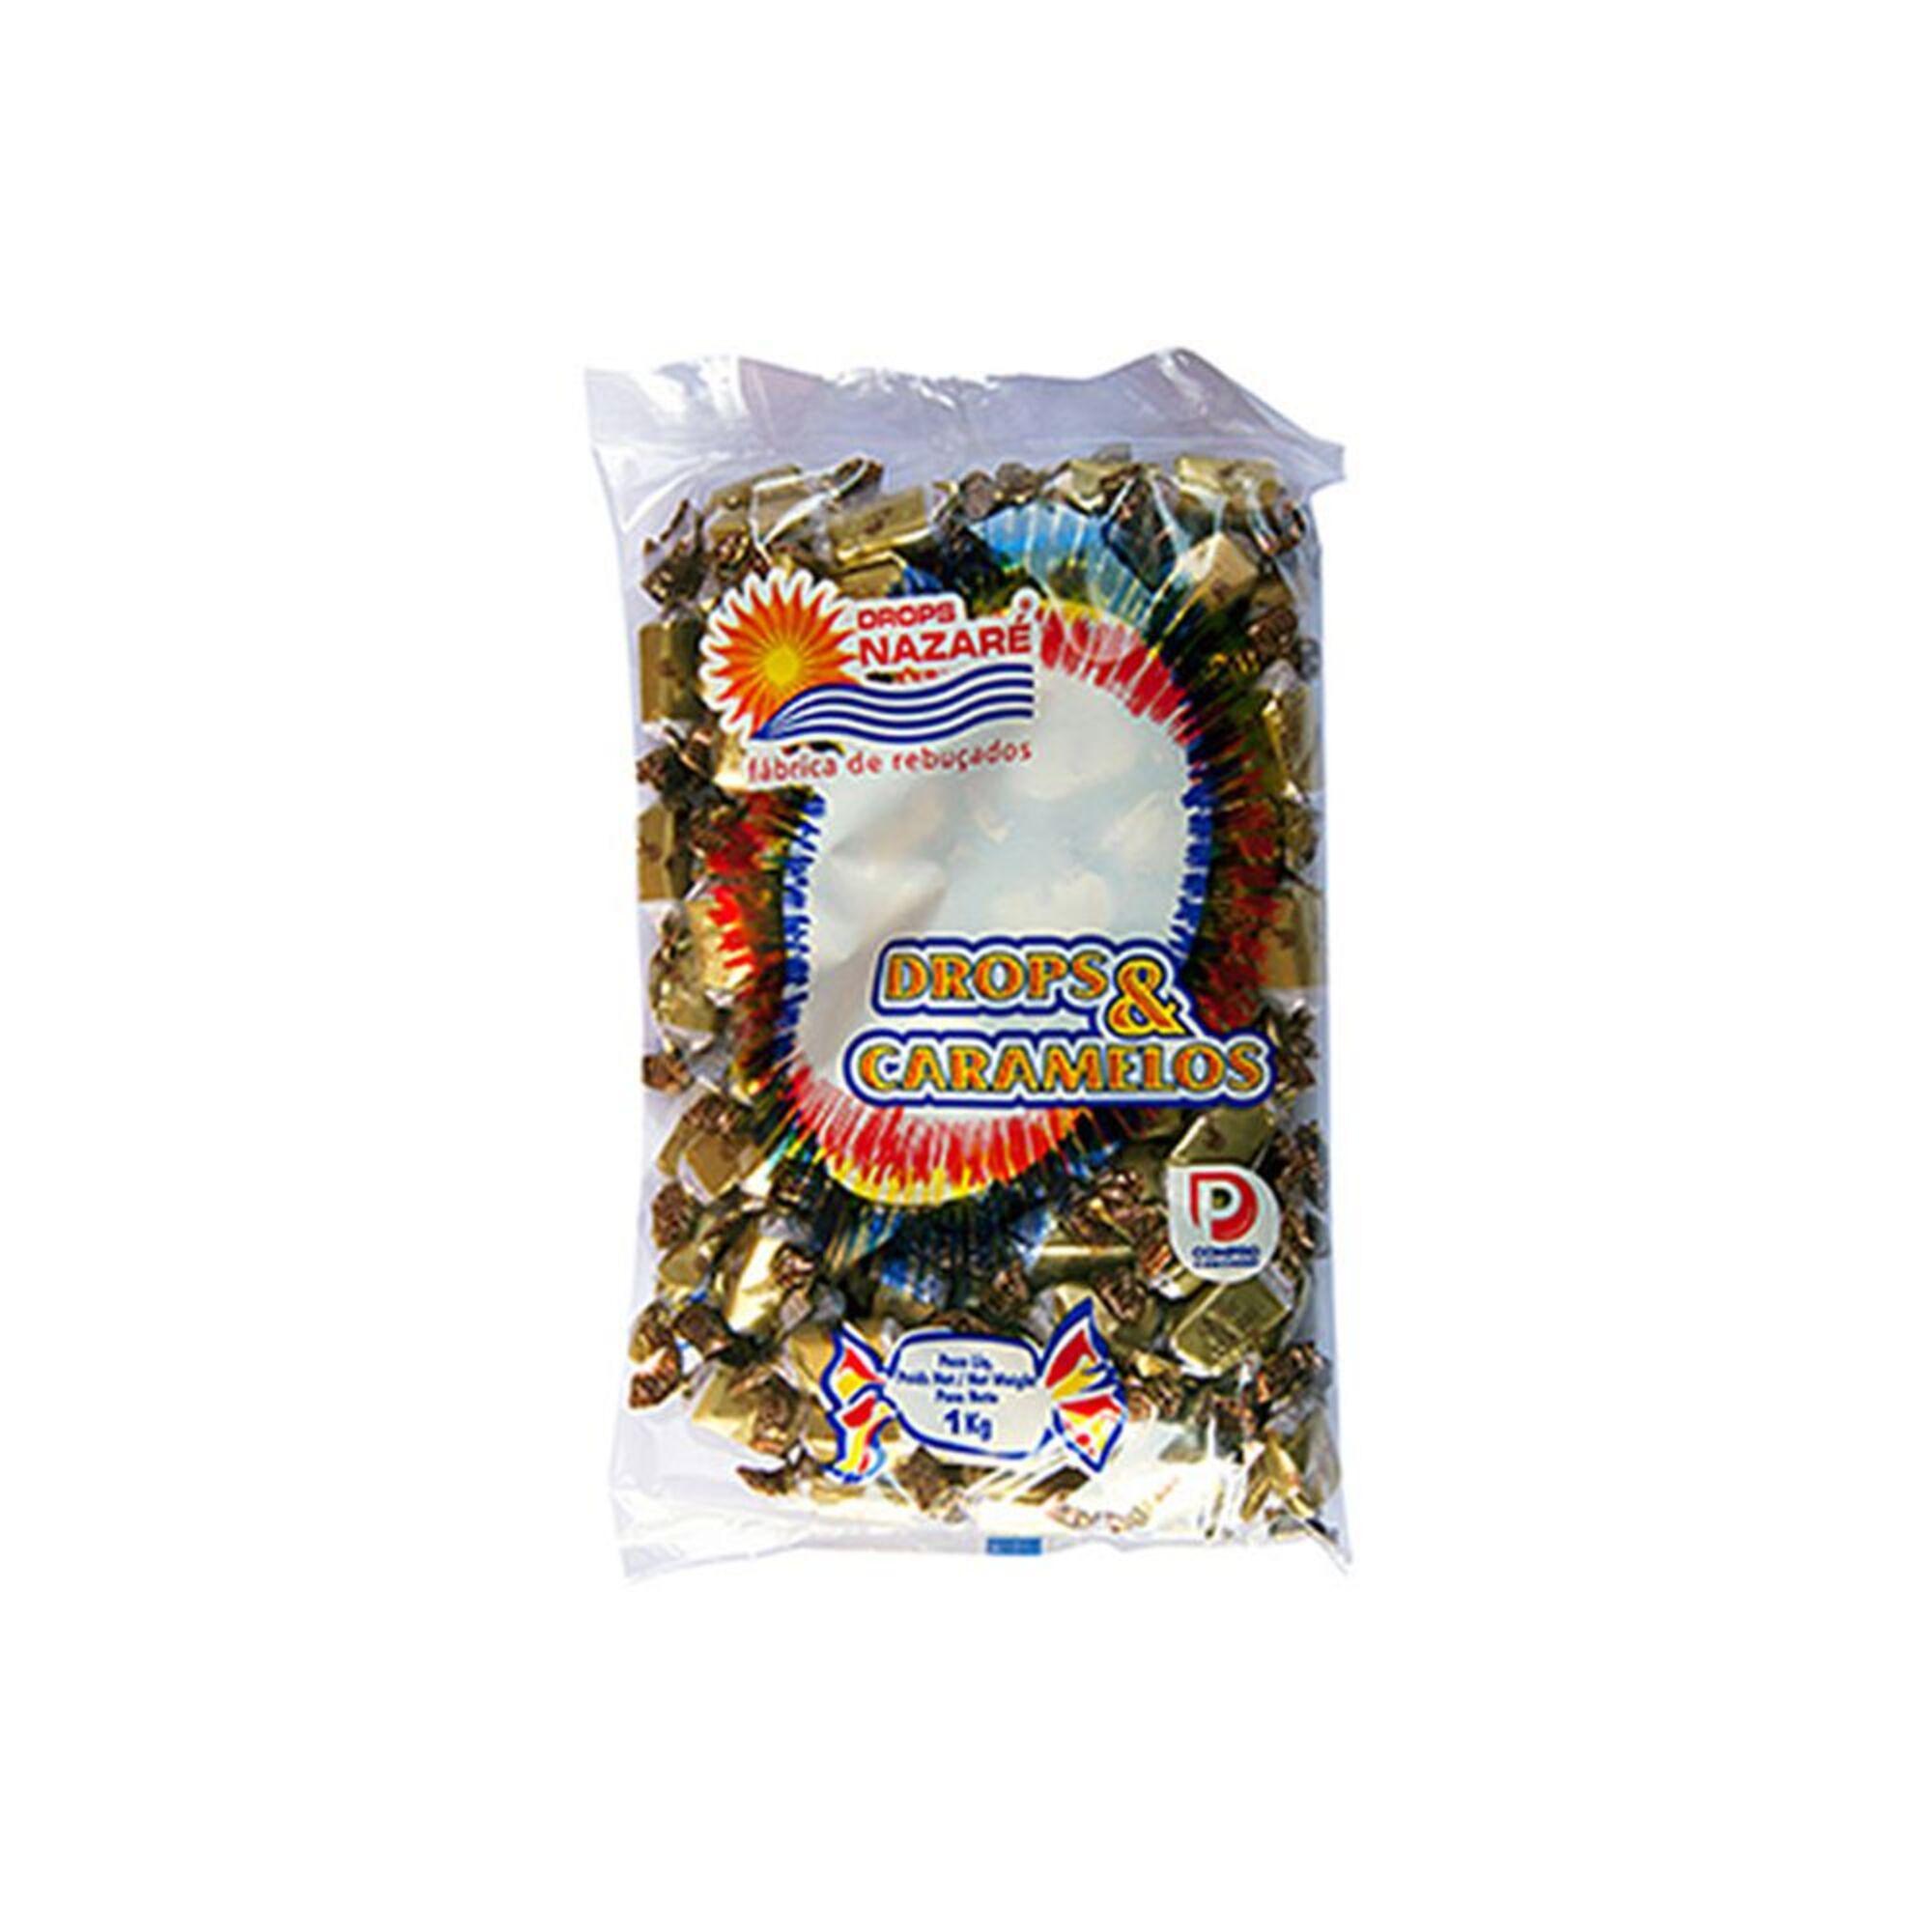 DROPS NAZARÉ - DROPS NAZARÉ Caramelos de Nata, 1 kg